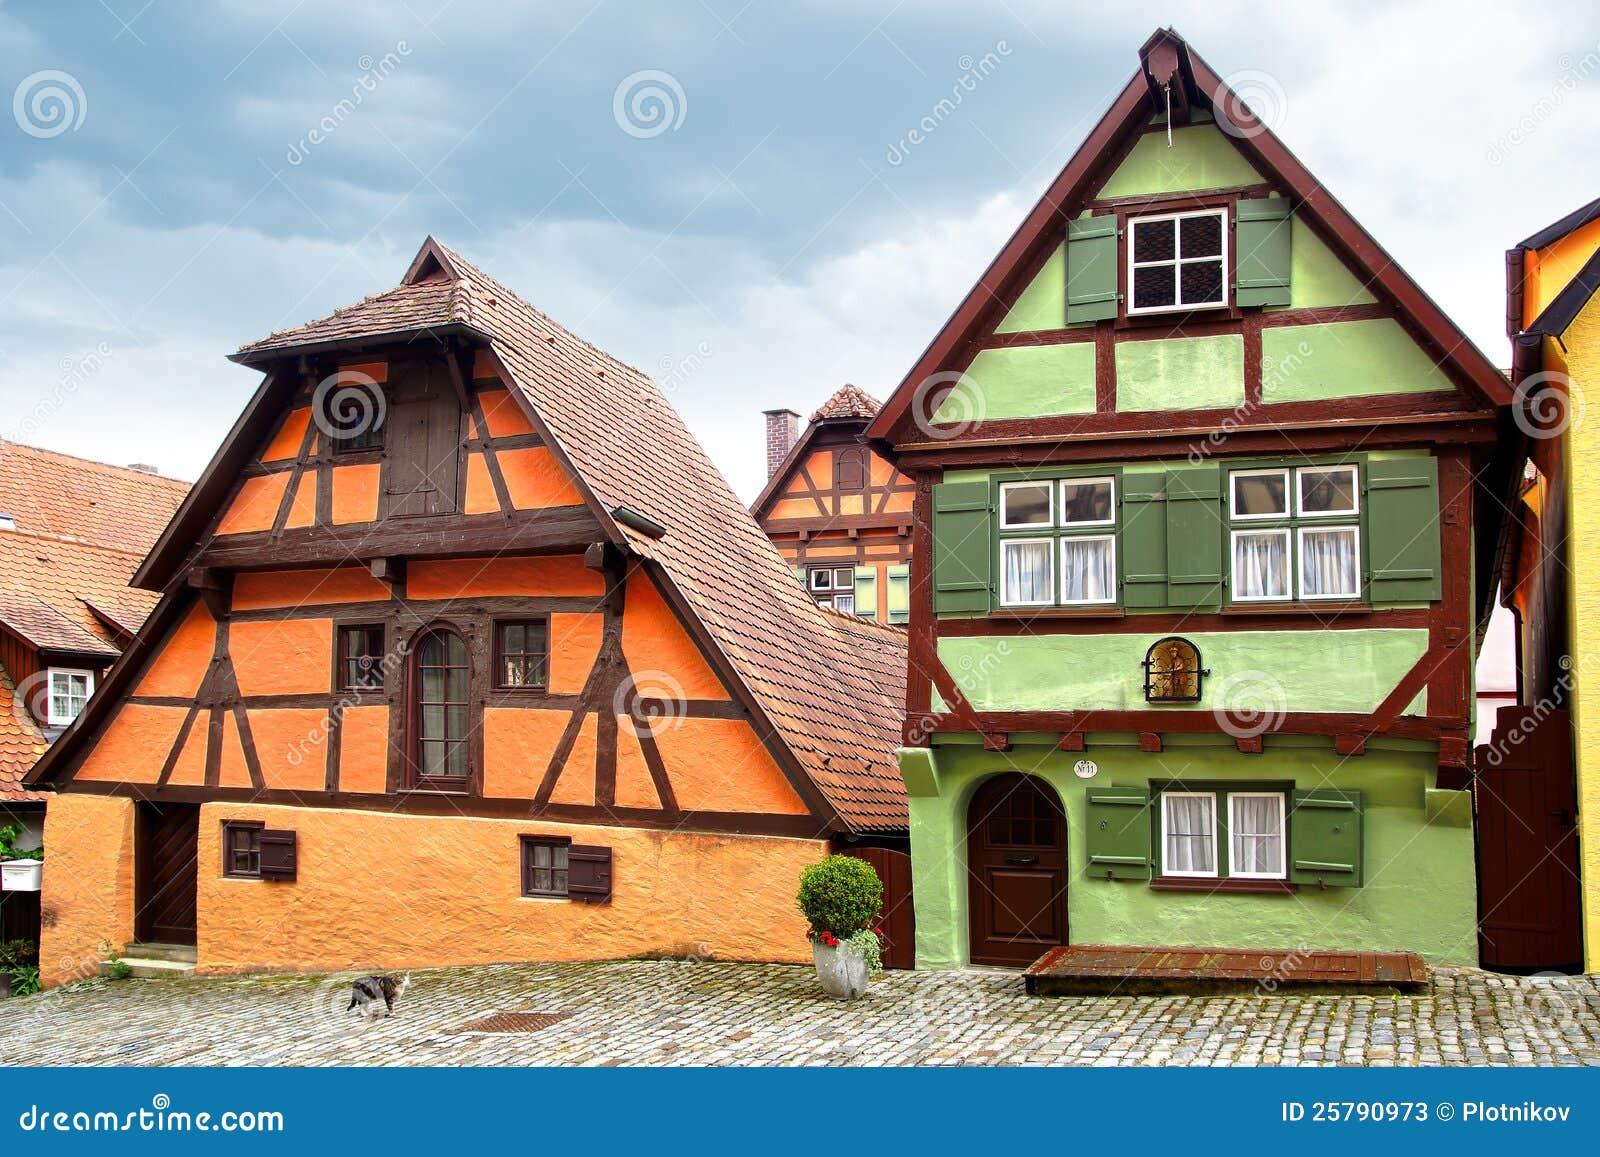 altes fachwerk haus in dinkelsbuhl stockbild bild 25790973. Black Bedroom Furniture Sets. Home Design Ideas